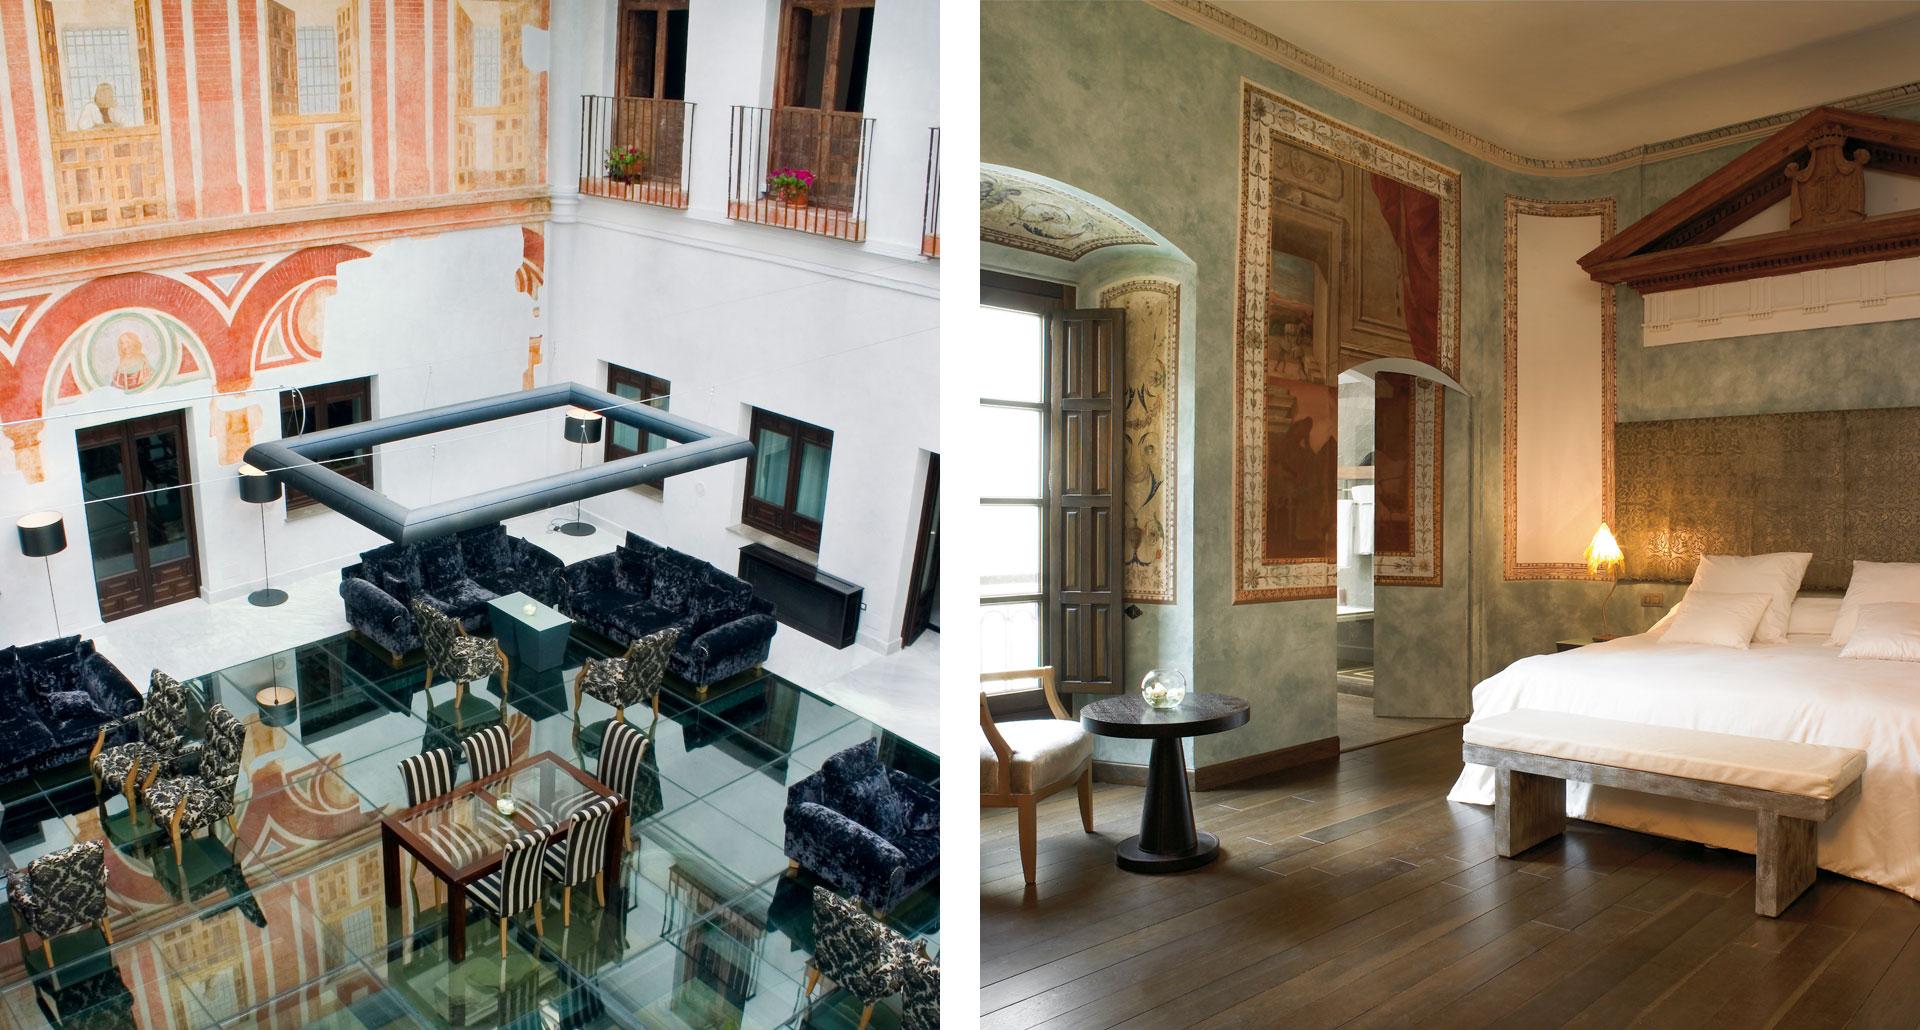 Hospes Palacio del Baílio - boutique hotel in Córdoba